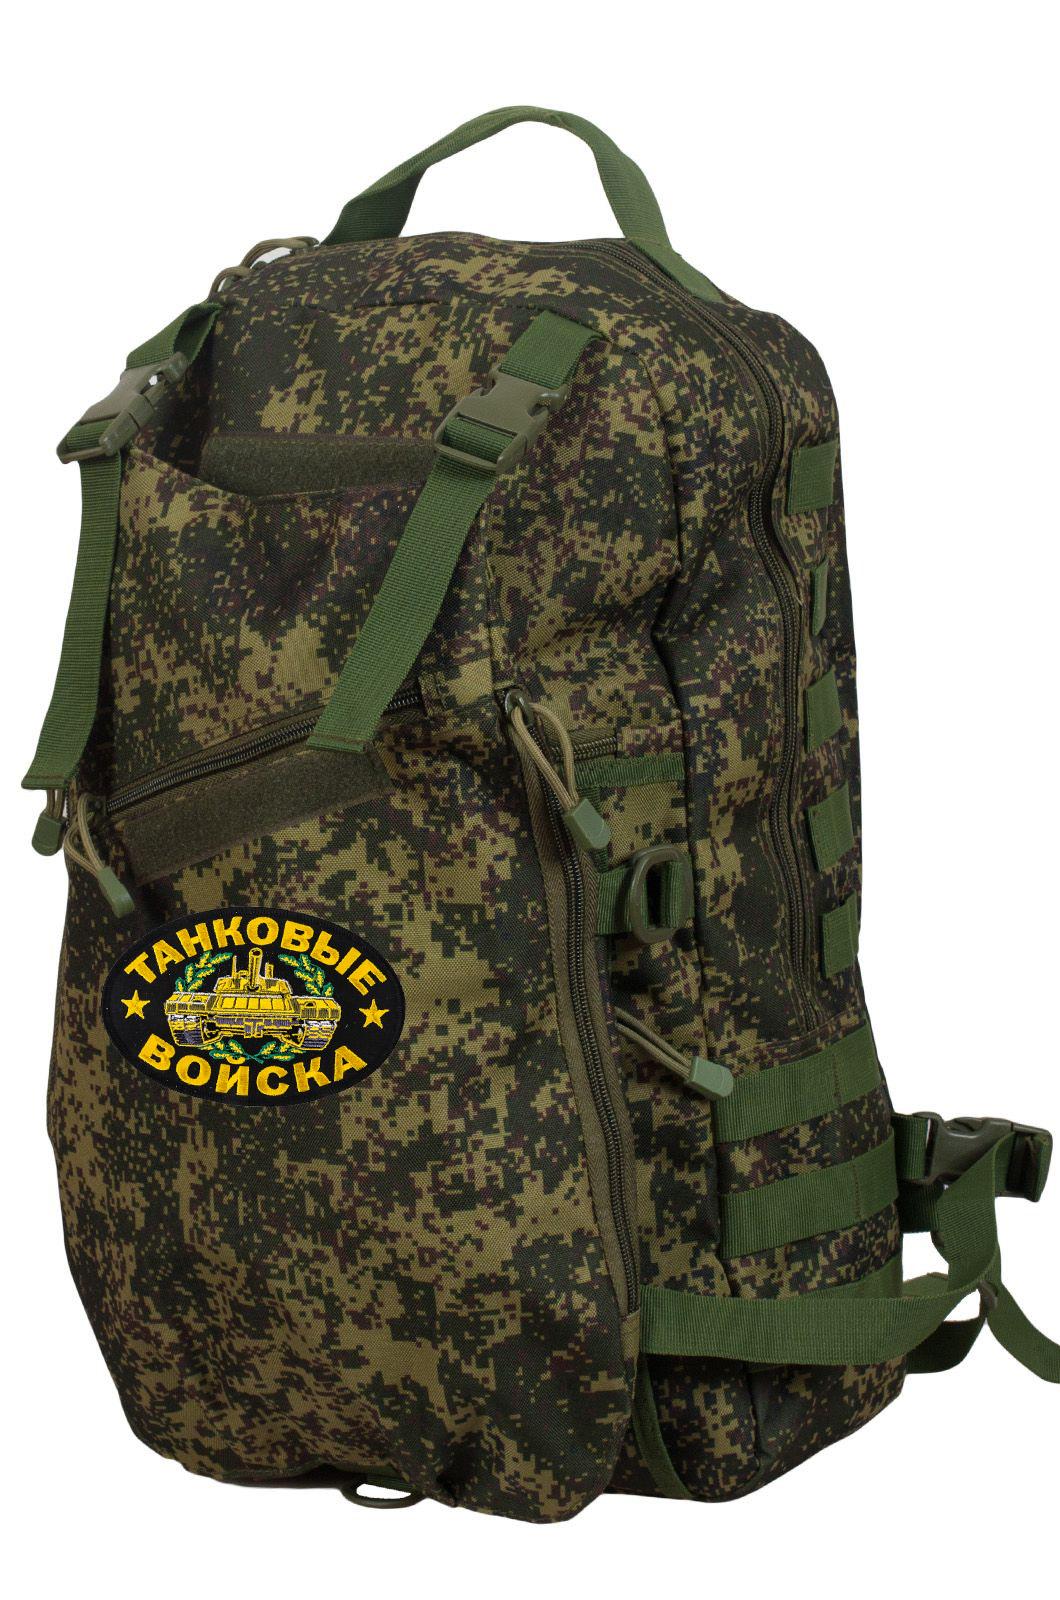 Купить армейский рейдовый рюкзак с нашивкой Танковые войска по низкой цене